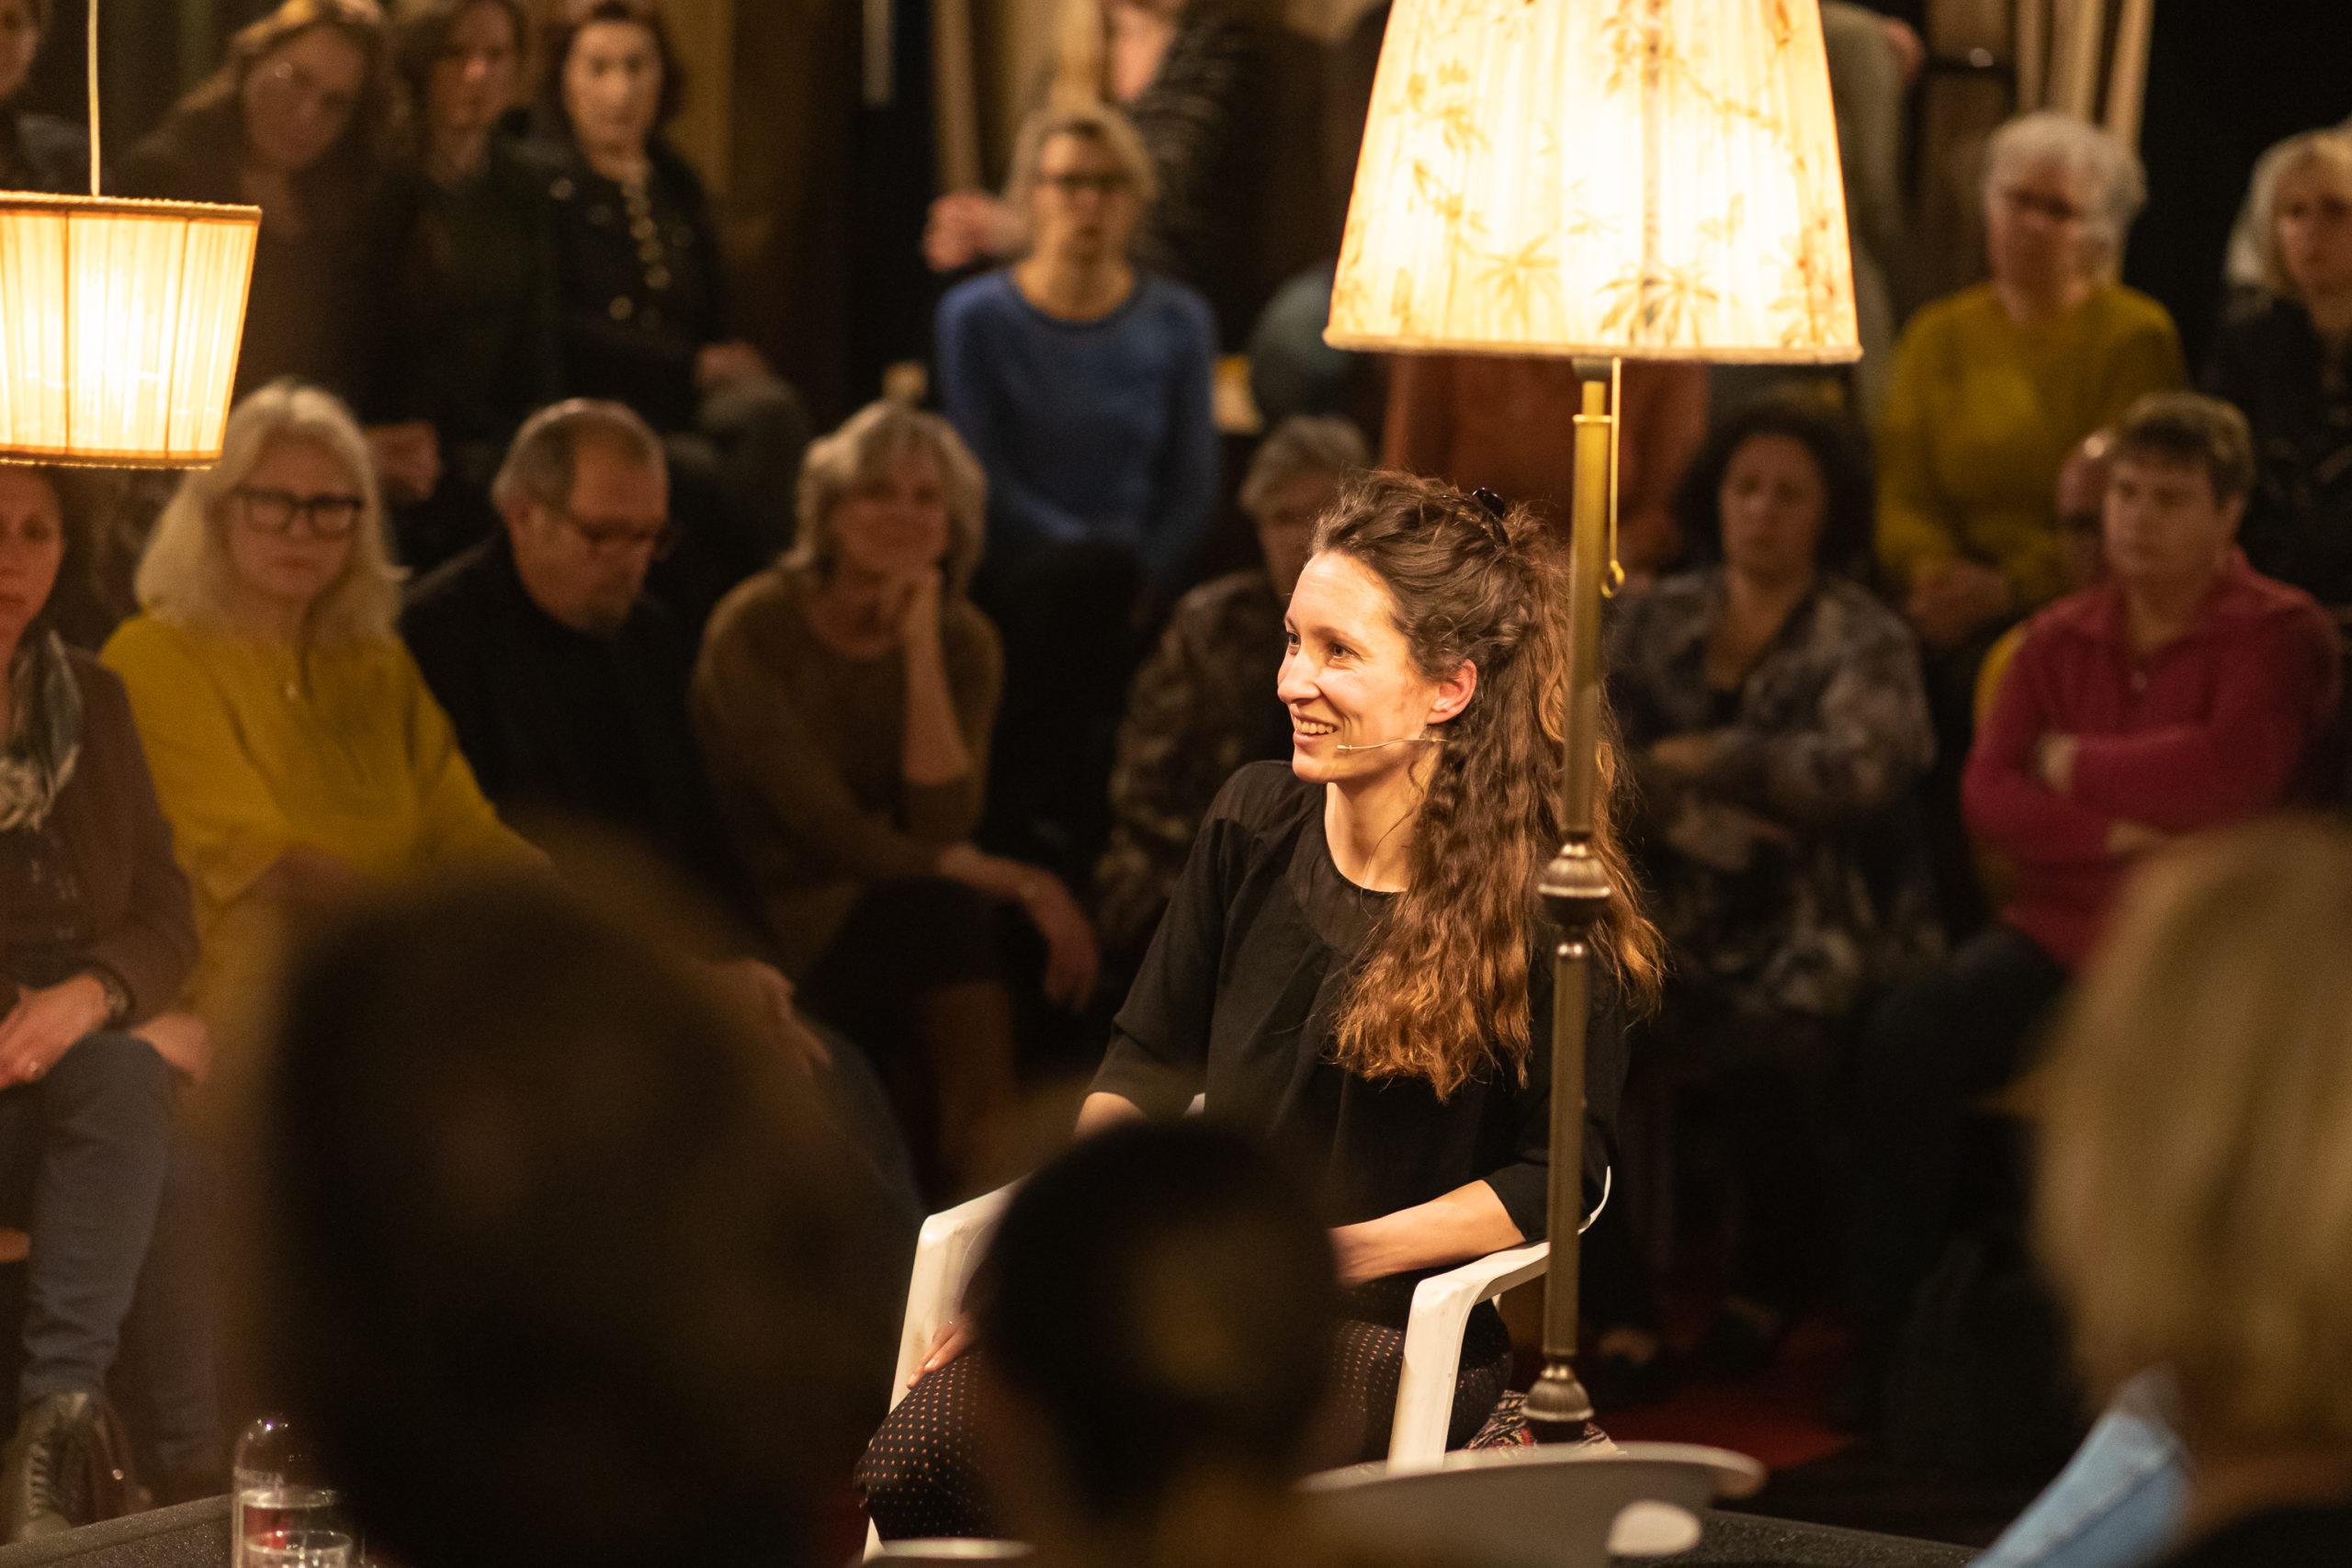 Verslag De Salon Roosendaal: contact maken